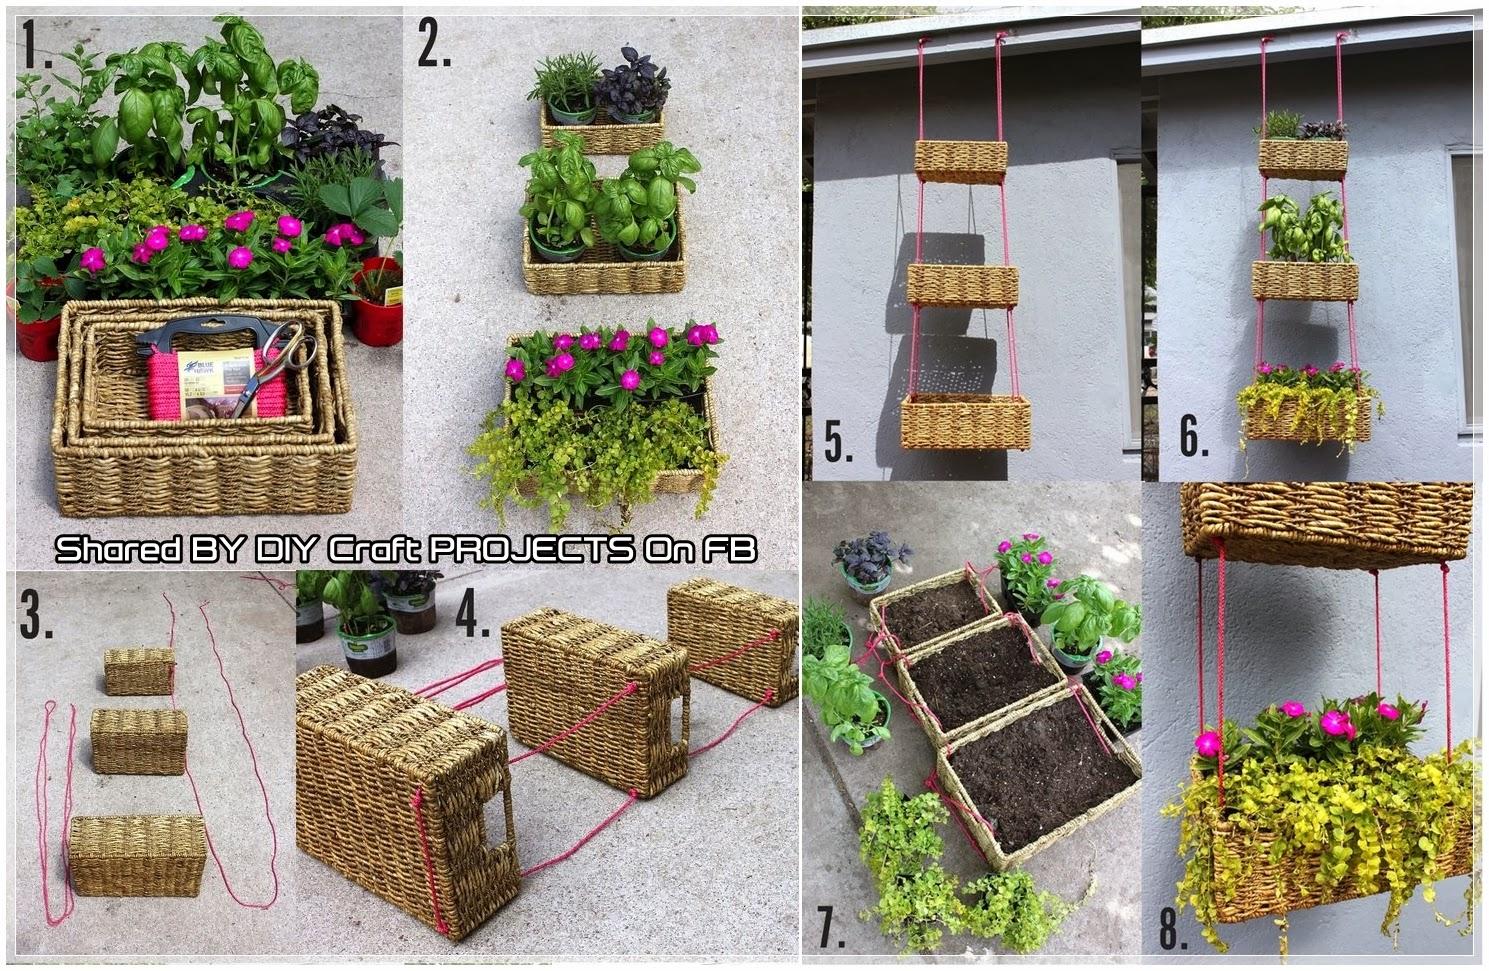 diy garden hanging basket diy craft projects. Black Bedroom Furniture Sets. Home Design Ideas